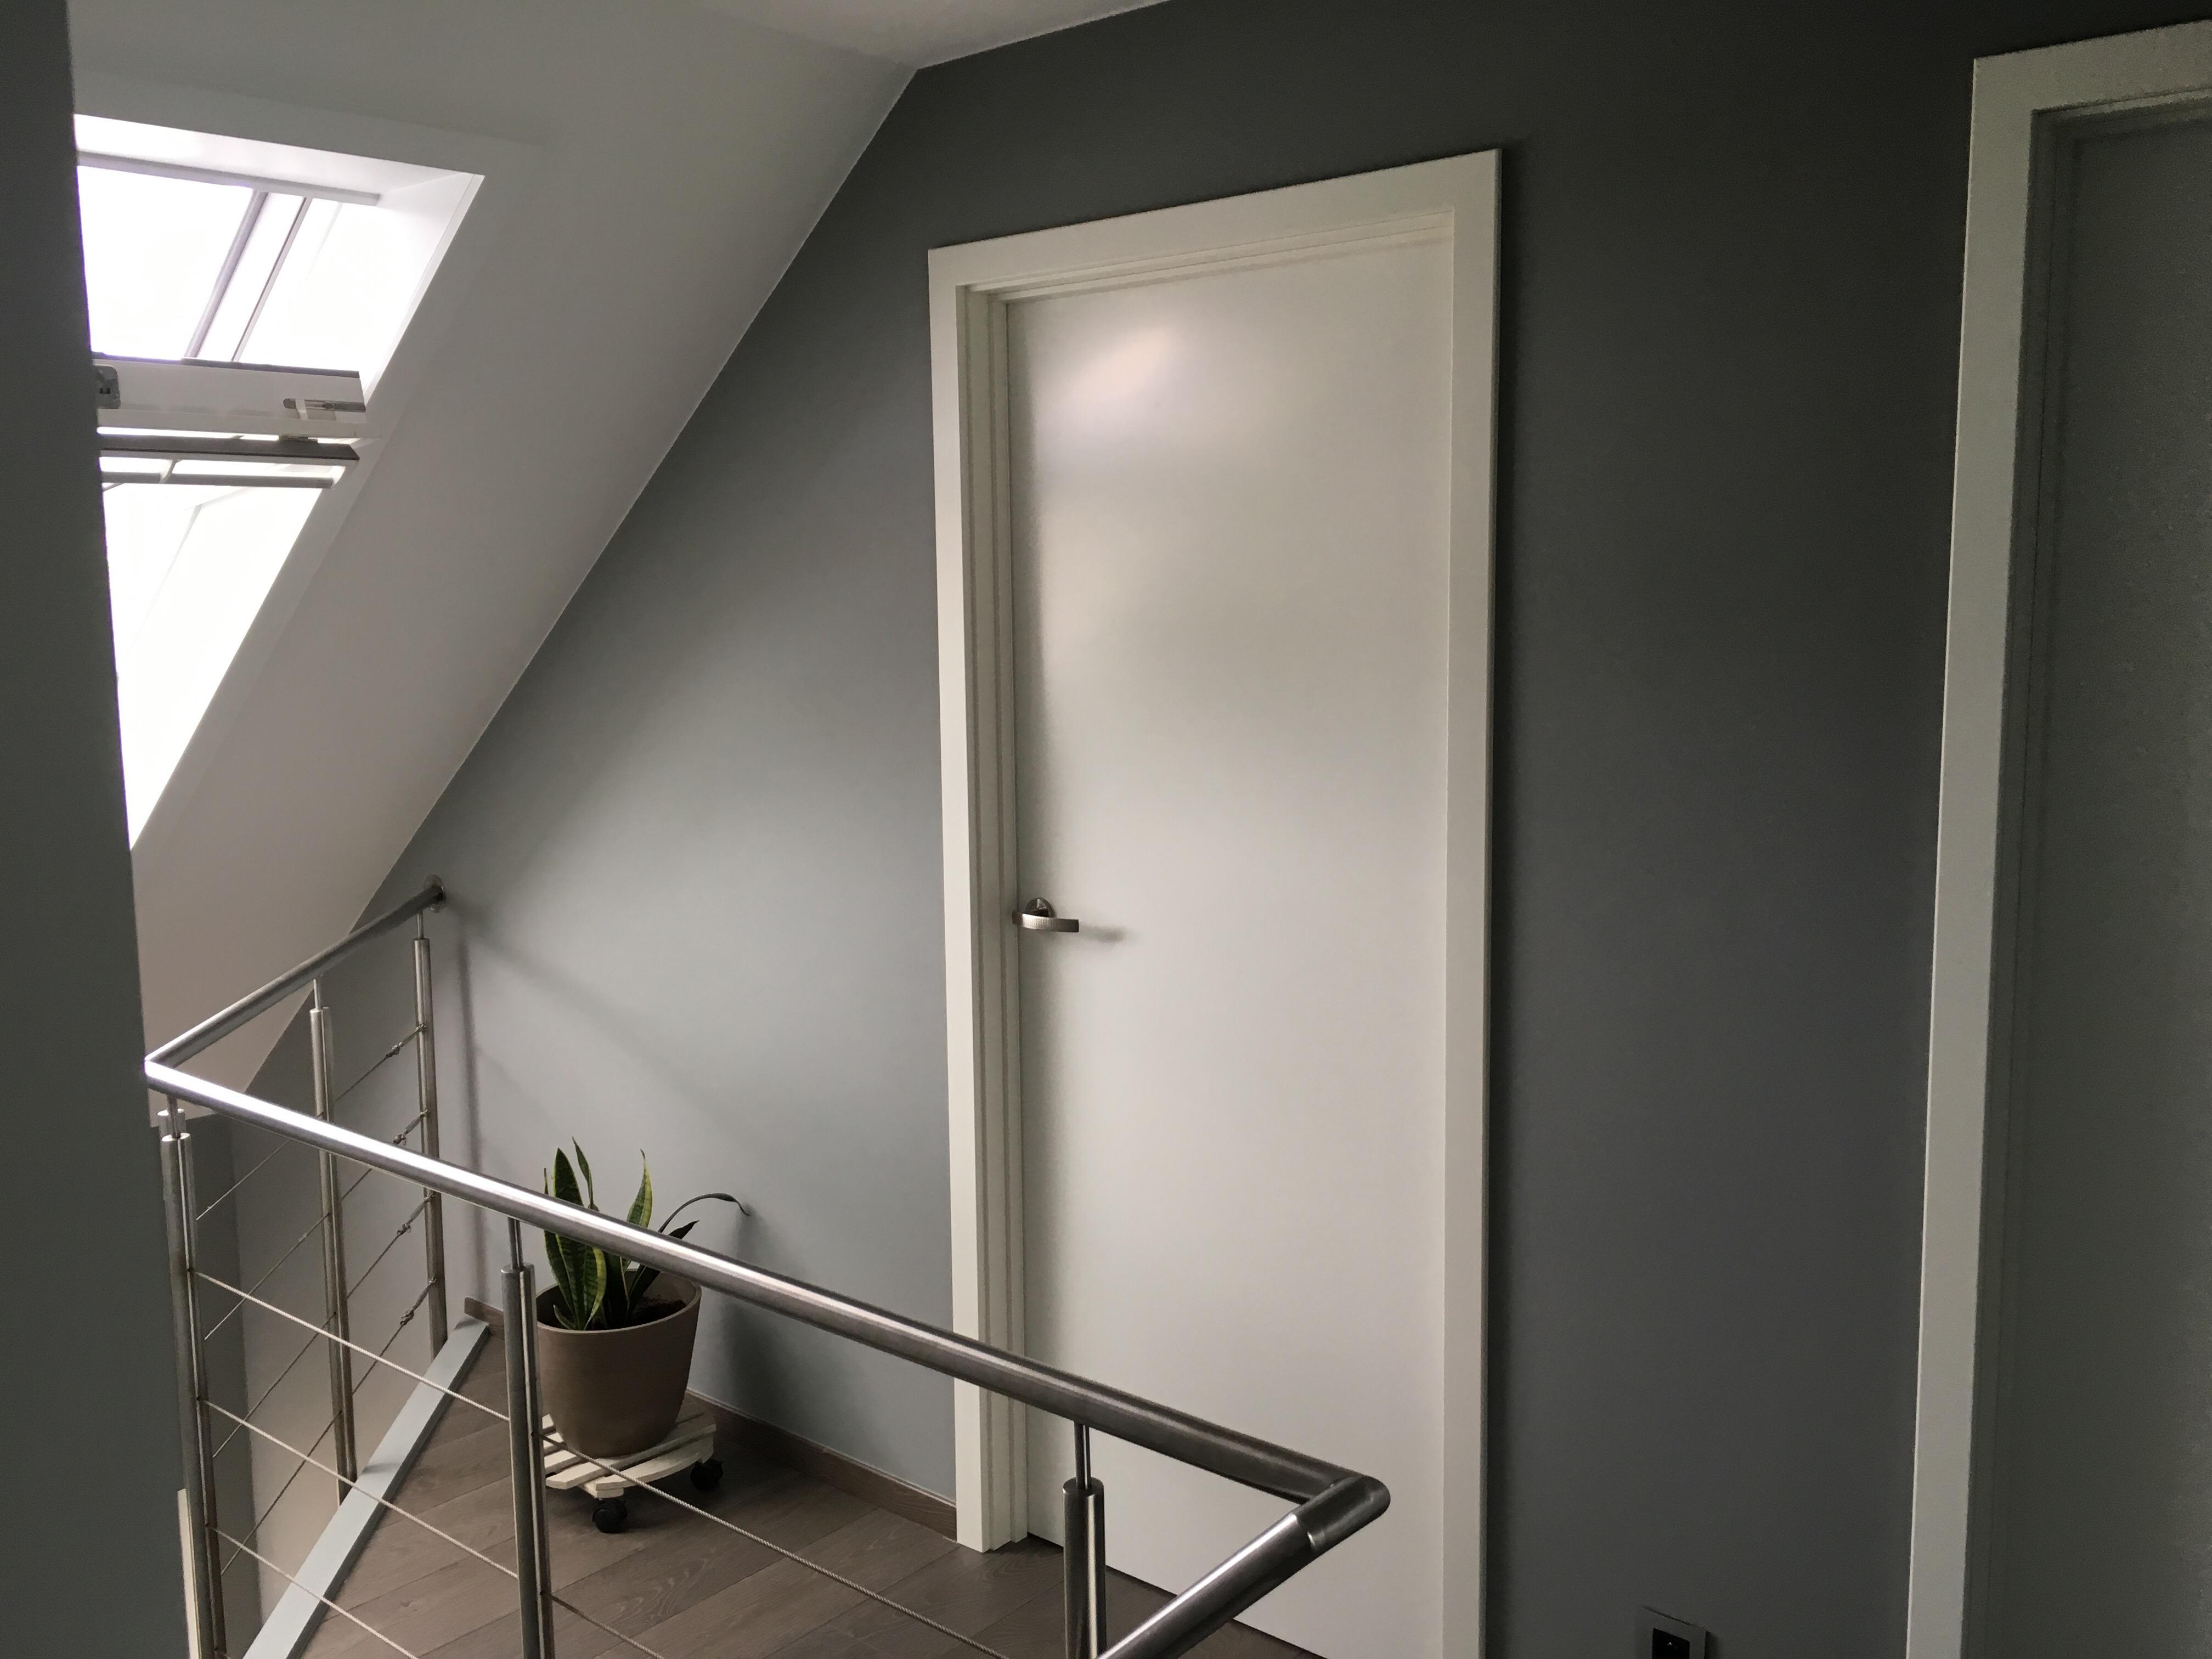 Tapijt Voor Gang : Schilderen gang badkamer en tapijt leggen op trap